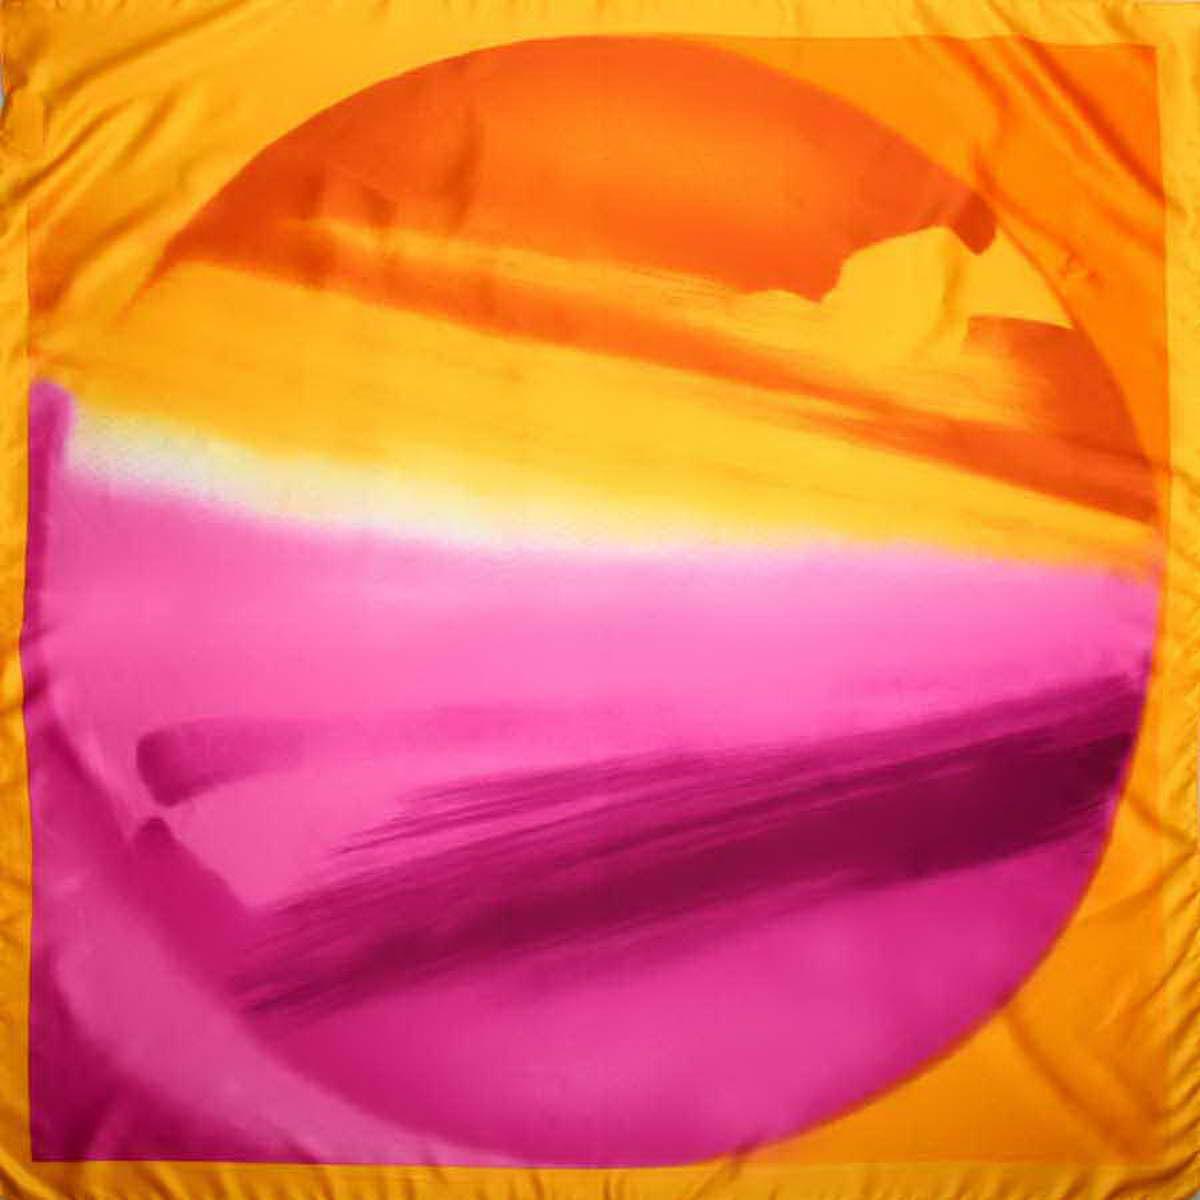 Платок3906733-13Стильный женский платок Venera станет великолепным завершением любого наряда. Платок, изготовленный из полиэстера, оформлен оригинальным принтом. Классическая квадратная форма позволяет носить платок на шее, украшать им прическу или декорировать сумочку. Легкий и приятный на ощупь платок поможет вам создать изысканный женственный образ. Такой платок превосходно дополнит любой наряд и подчеркнет ваш неповторимый вкус и элегантность.